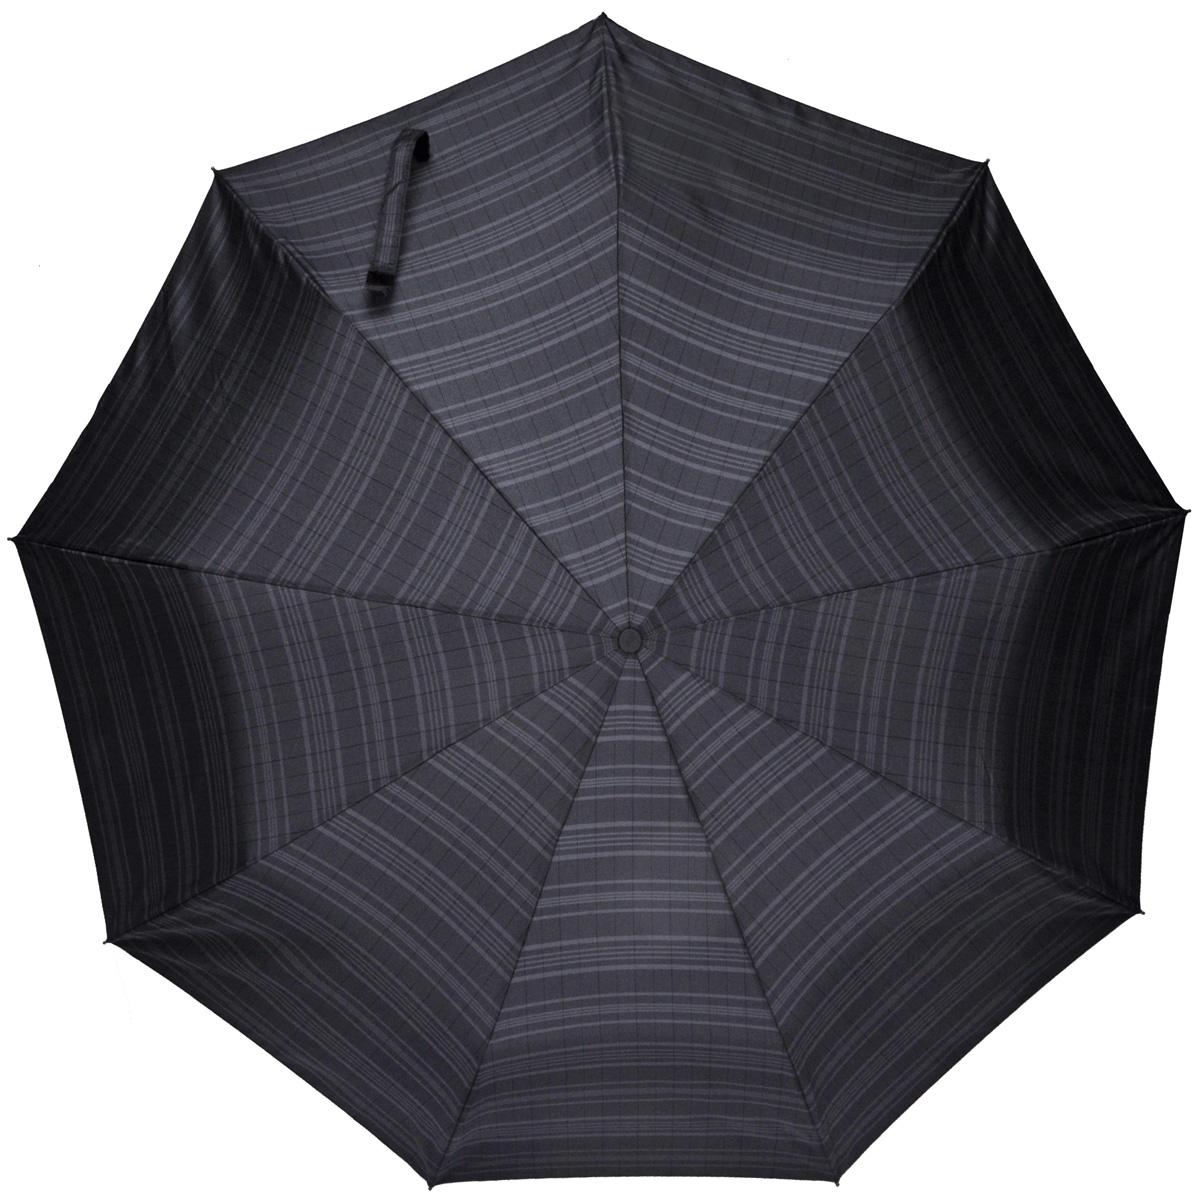 Зонт мужской Zest, автомат, 3 сложения, цвет: черный. 13943-5 зонт мужской  zest   автомат  3